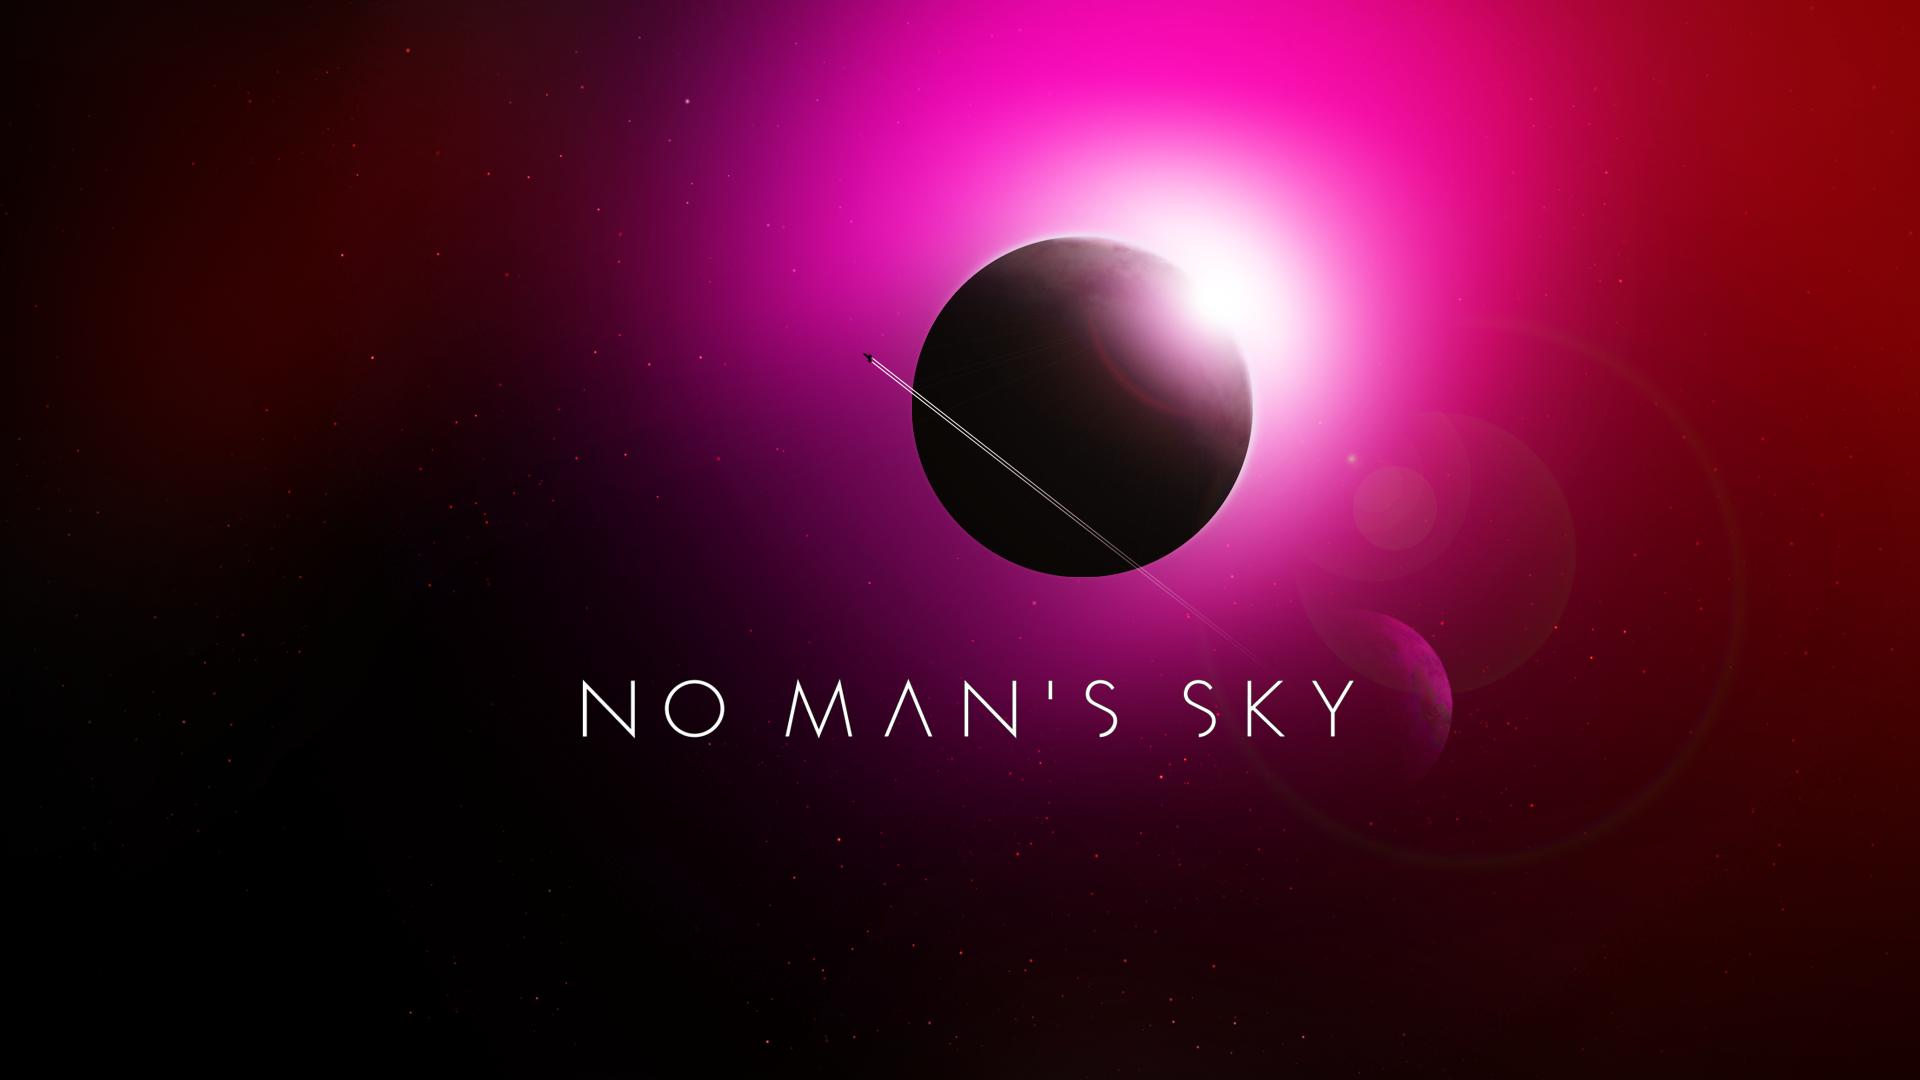 No Man's Sky Wallpaper